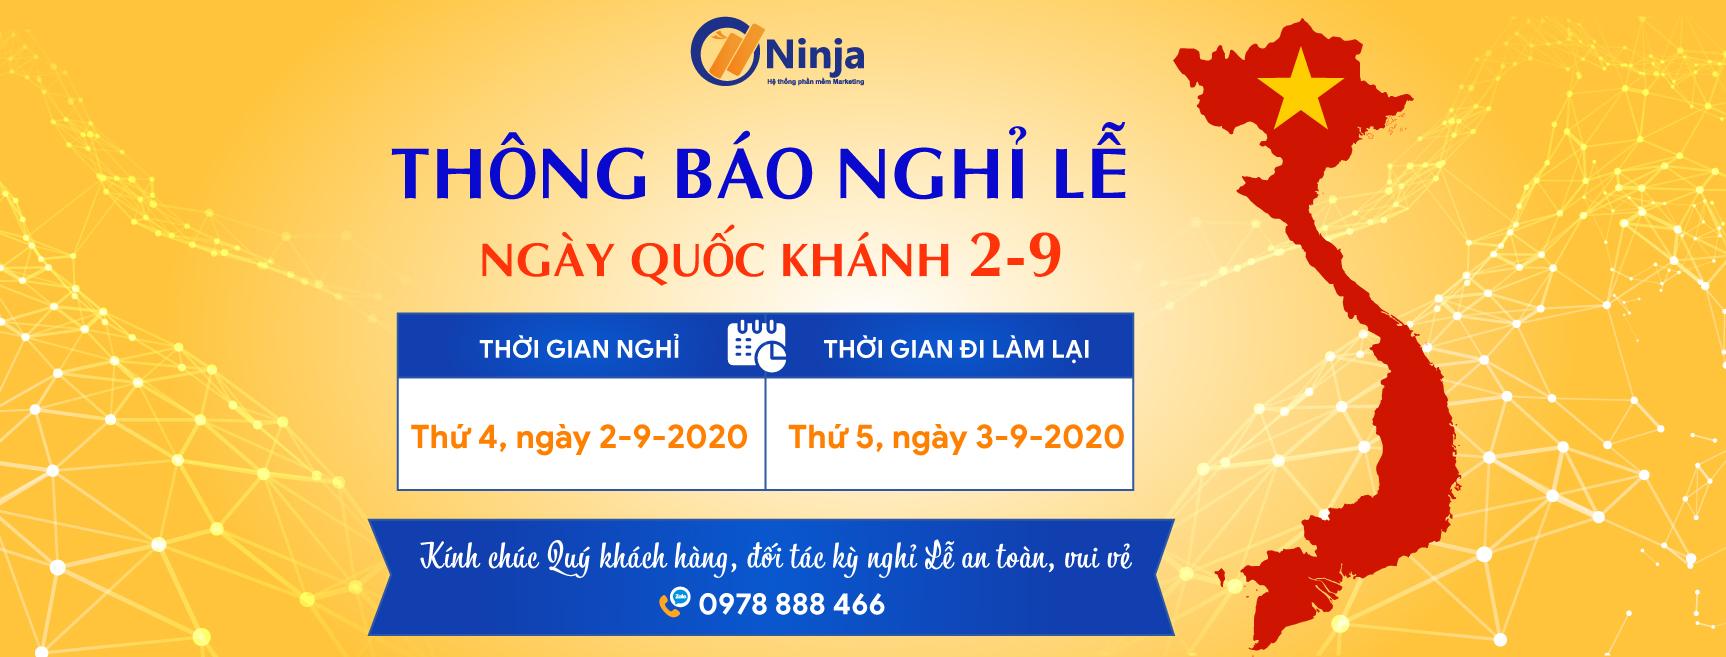 thông báo nghỉ lễ 2 9 cover 02 Phần mềm Ninja: Thông báo nghỉ Lễ Quốc Khánh 2.9.2020